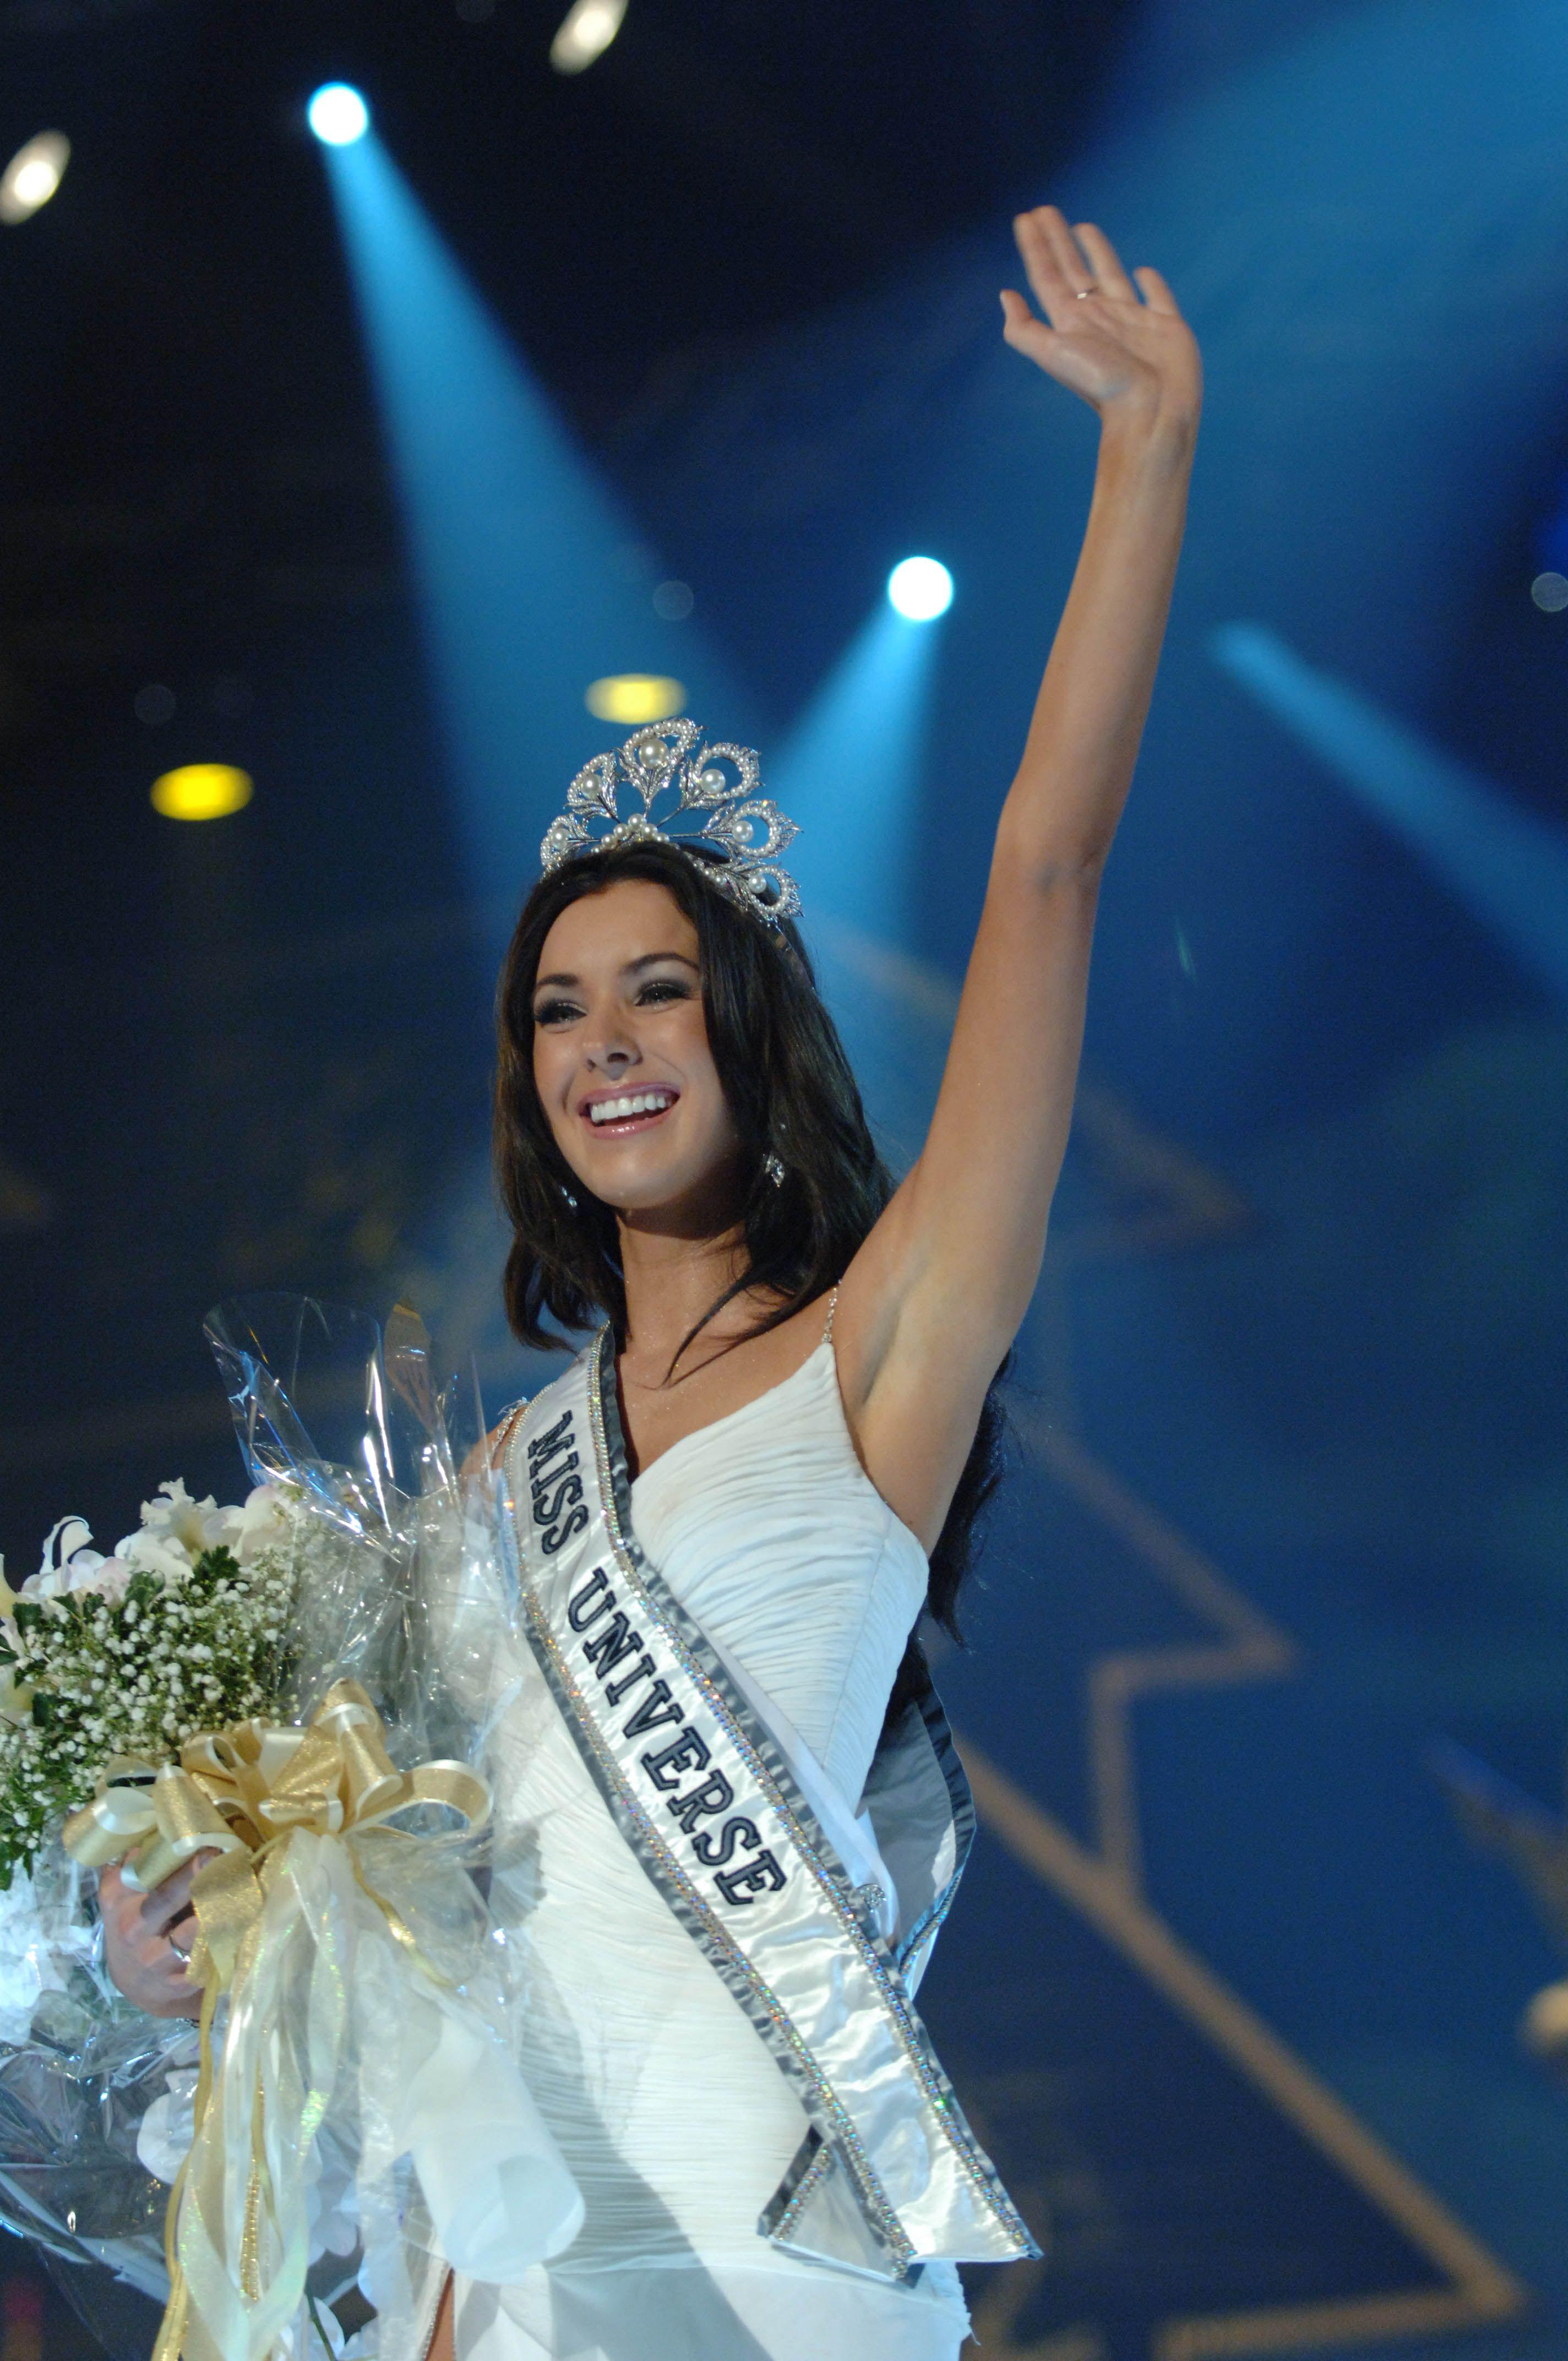 Pemenang miss world 2019 filipina dating